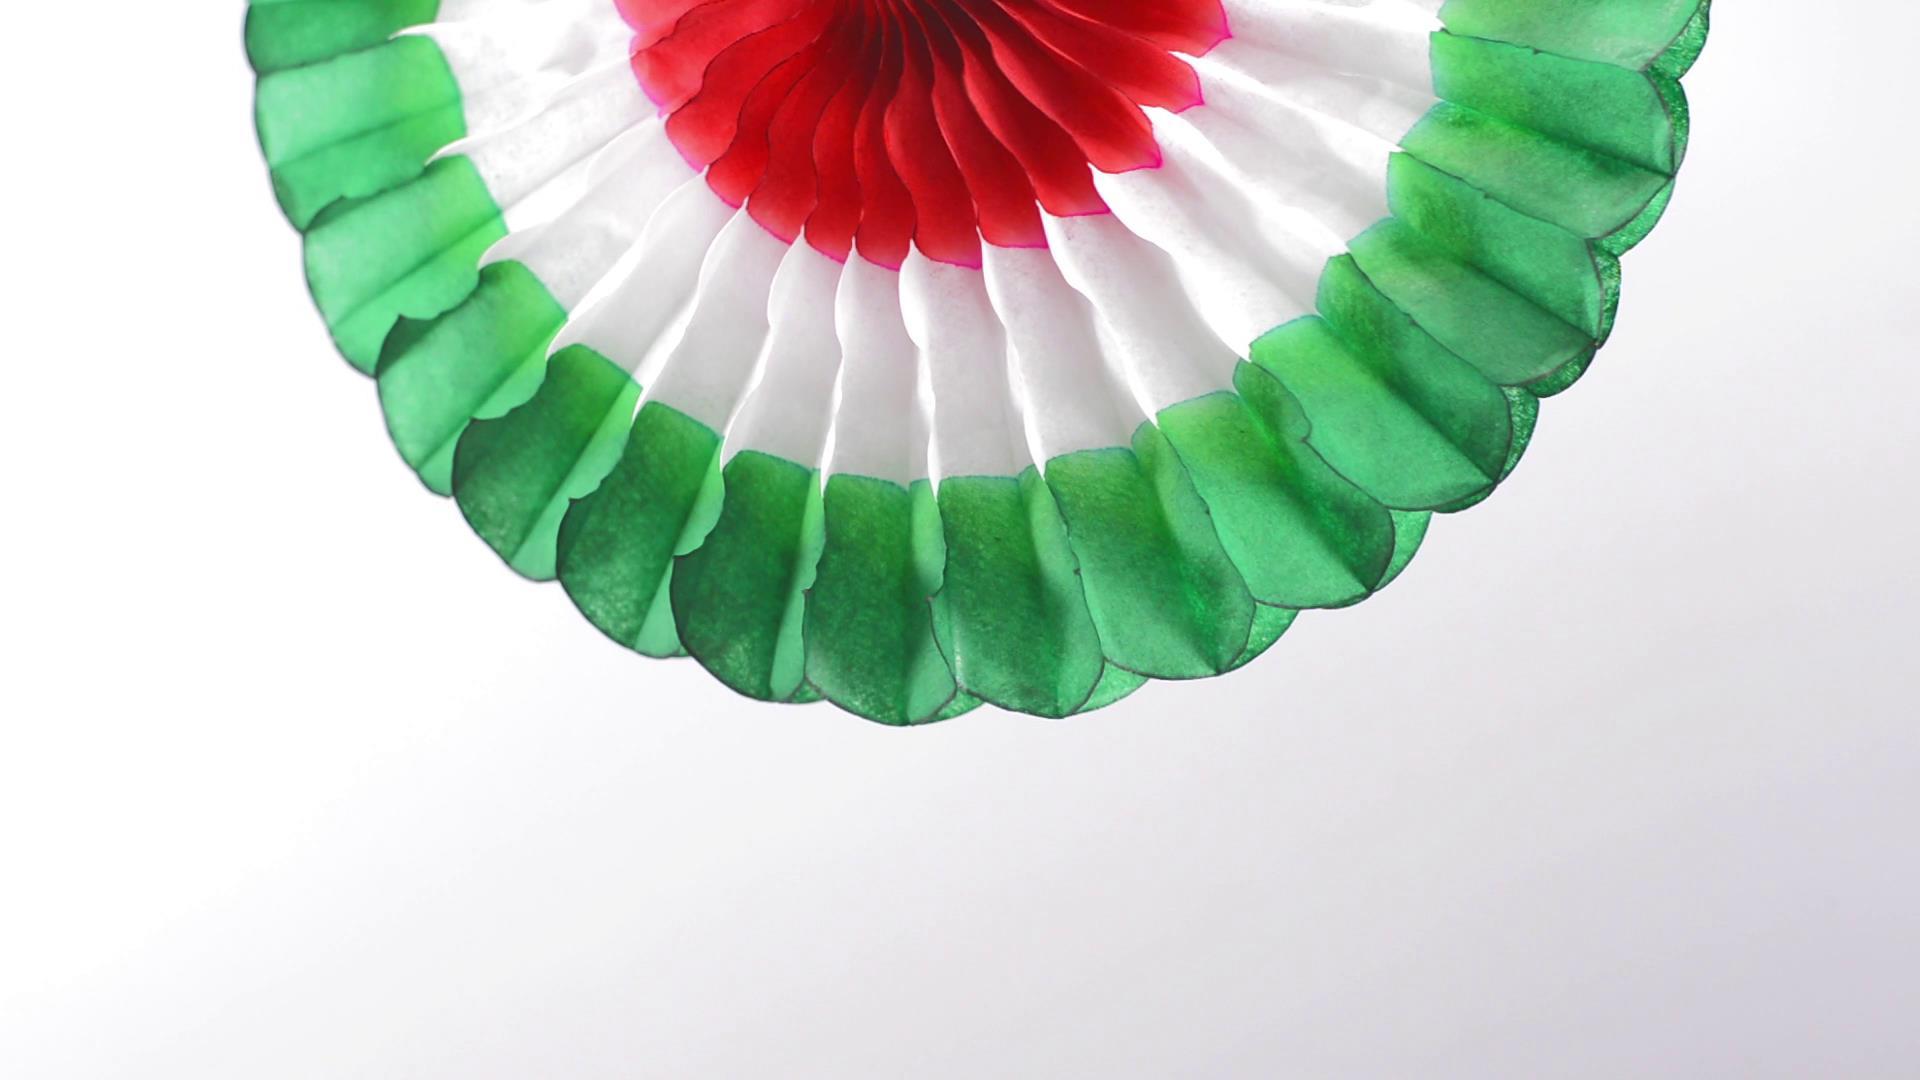 彩色纸质装饰物旋转慢动作高清实拍